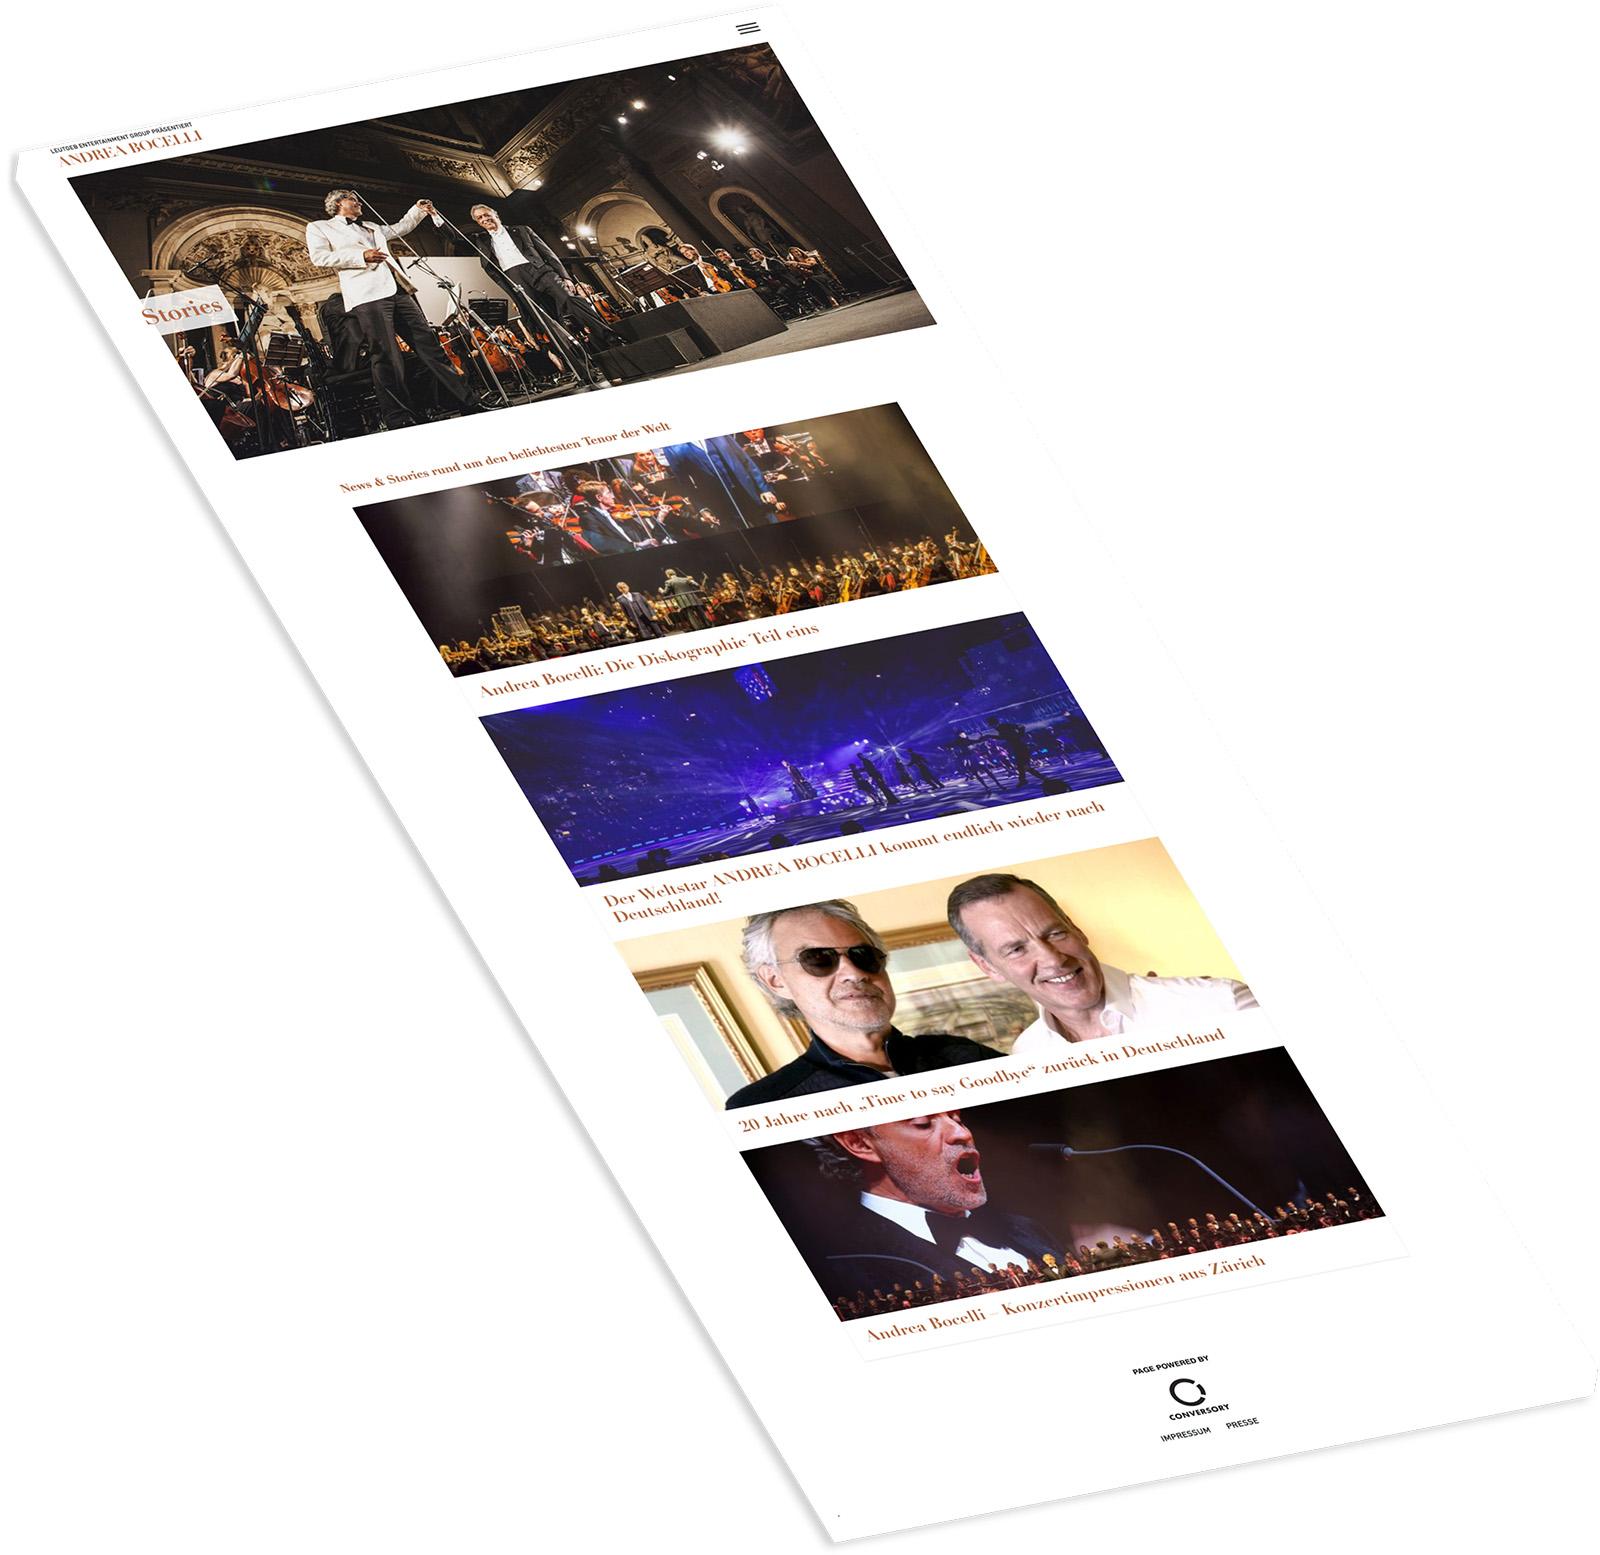 Andrea Bocelli Referenz Website auf weißem Hintergrund mit fünf Bildern